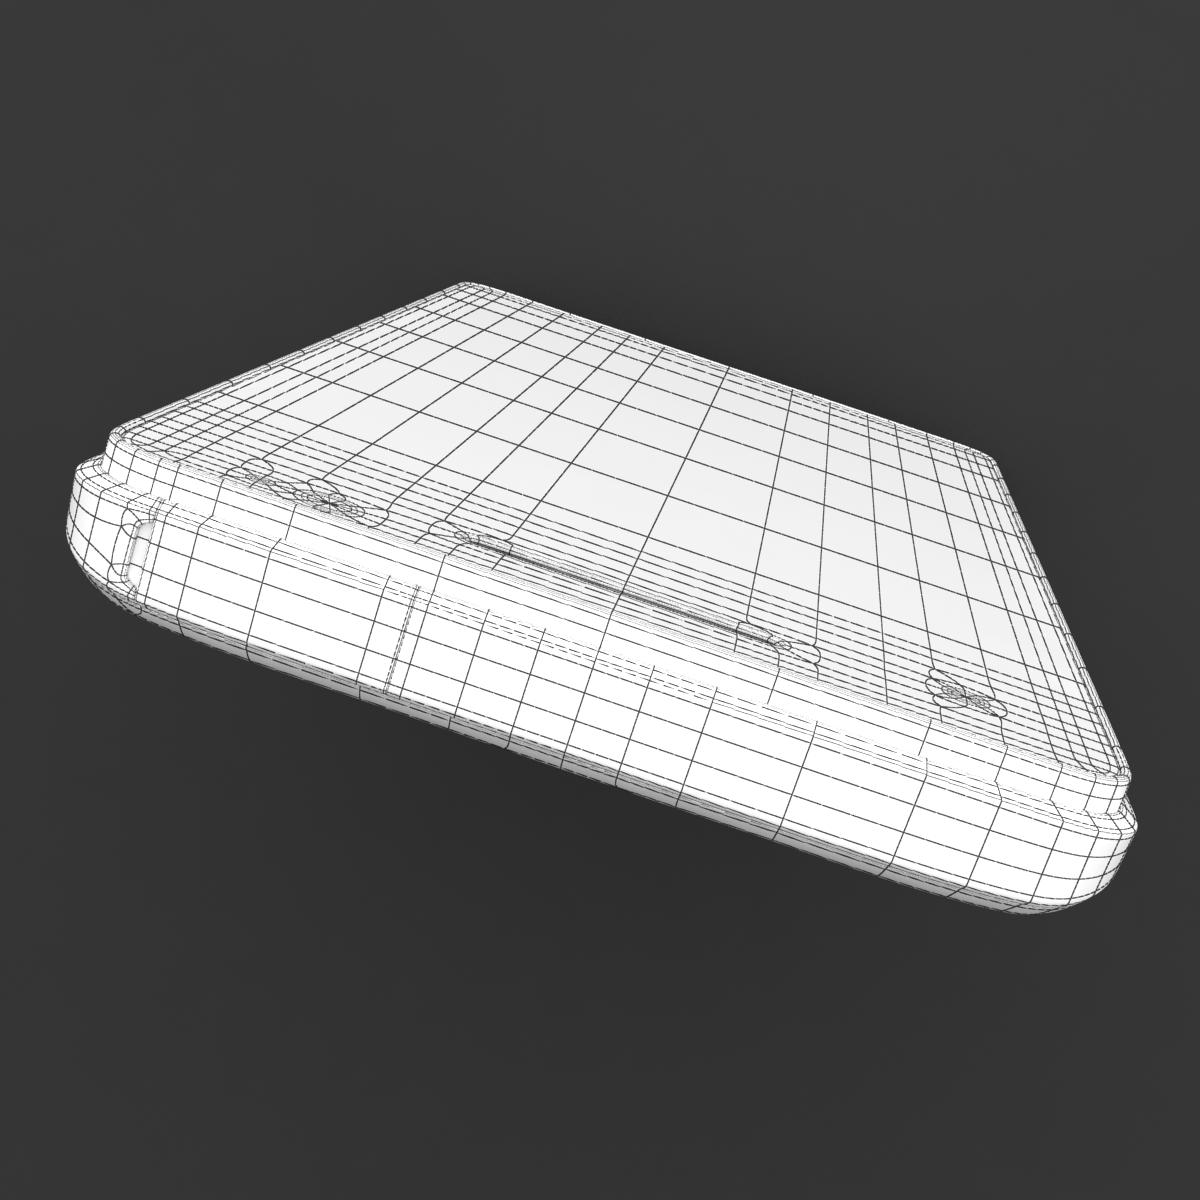 sony xperia v 3d model 3ds max fbx c4d lwo obj 151212